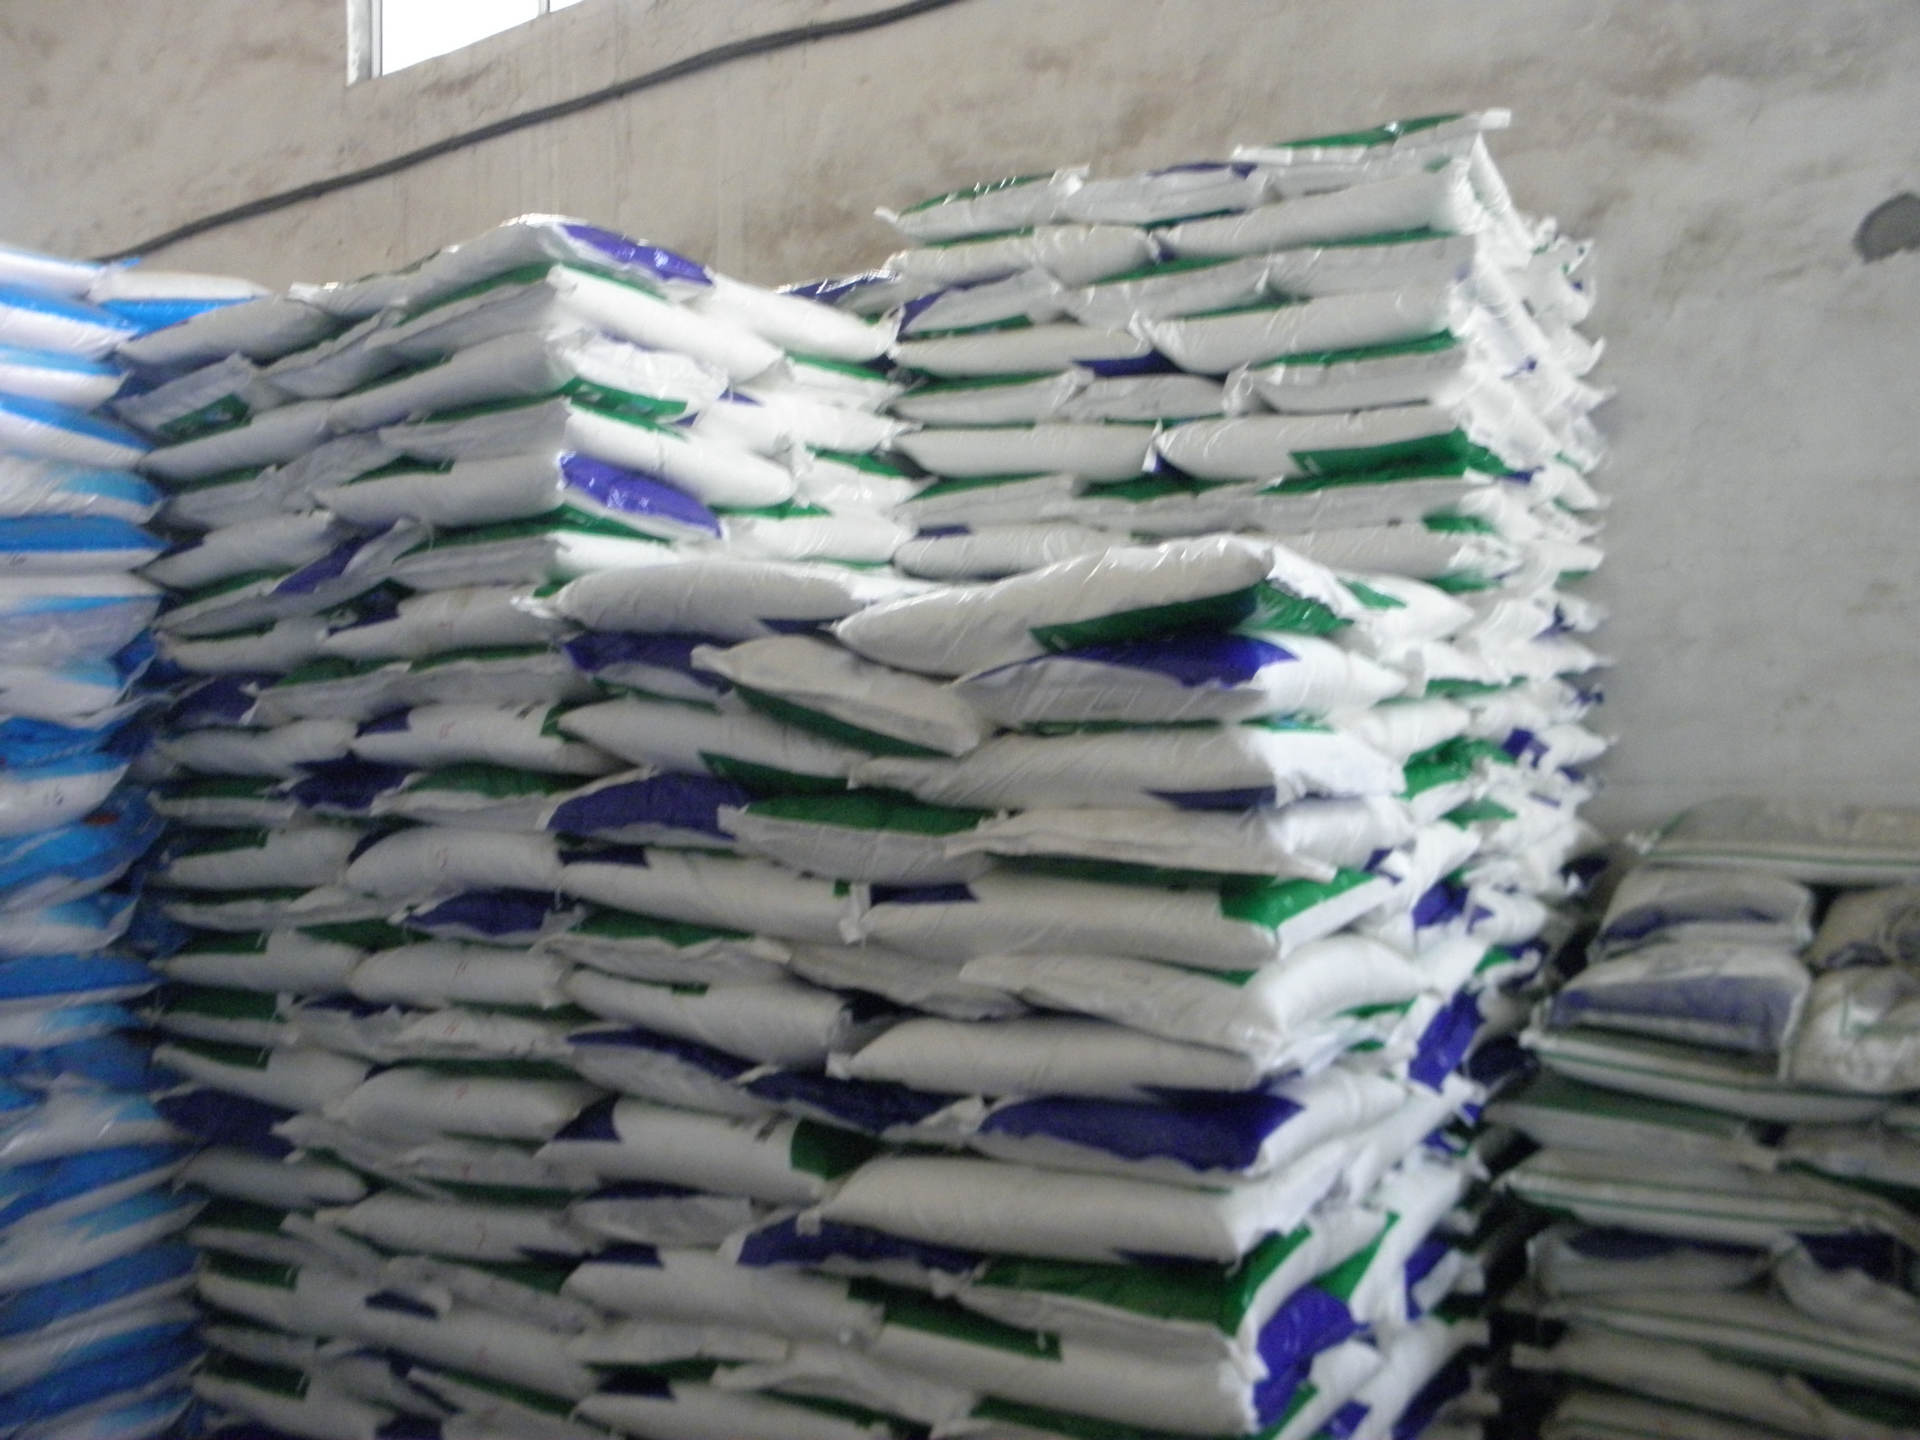 食品級クエン酸英日11水クエン酸は、レンコンレンコン漂白装置5斤パック